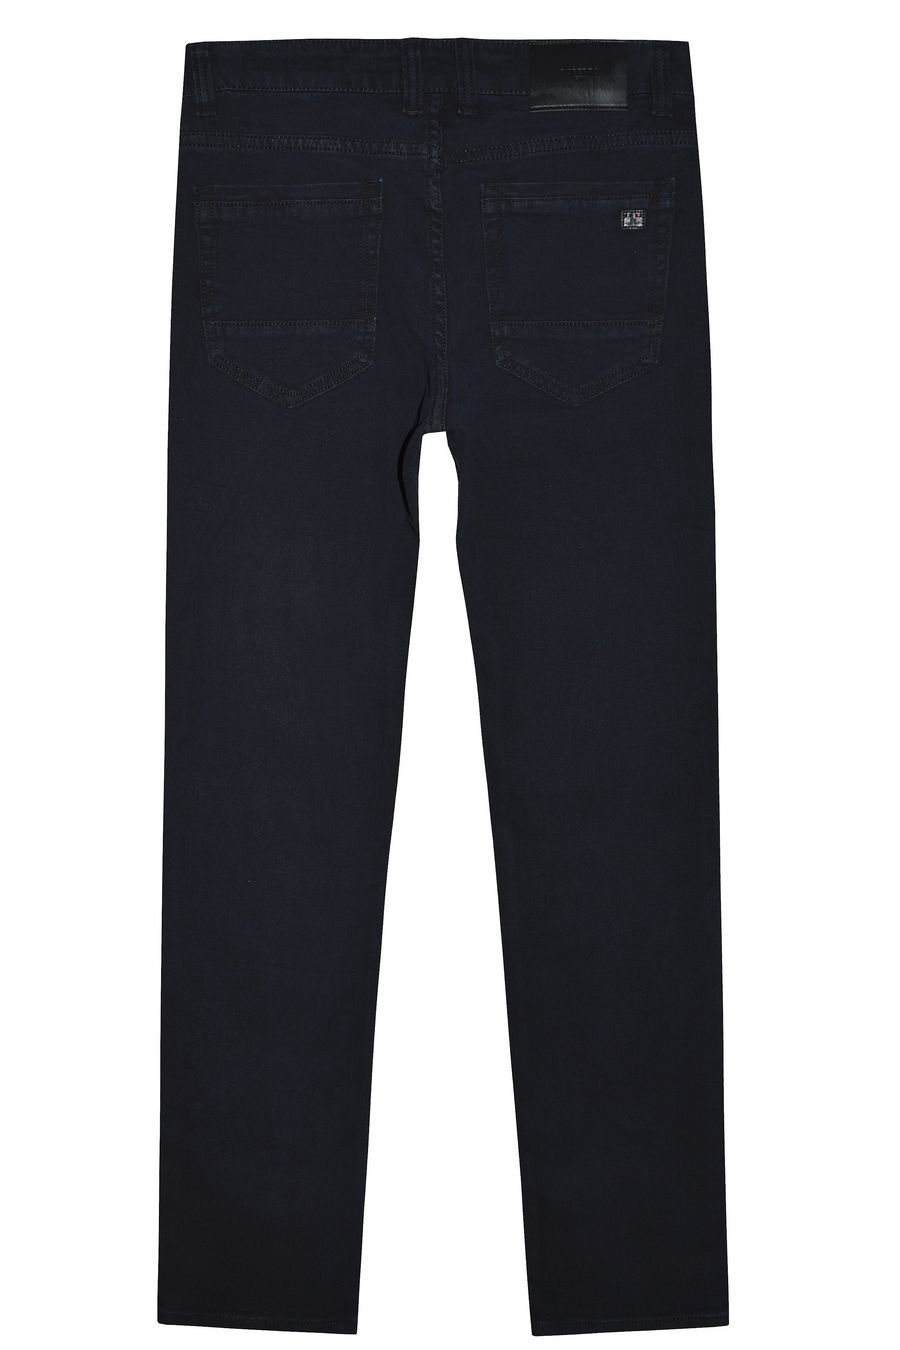 Мужские джинсы Roberto RB5:8280-15